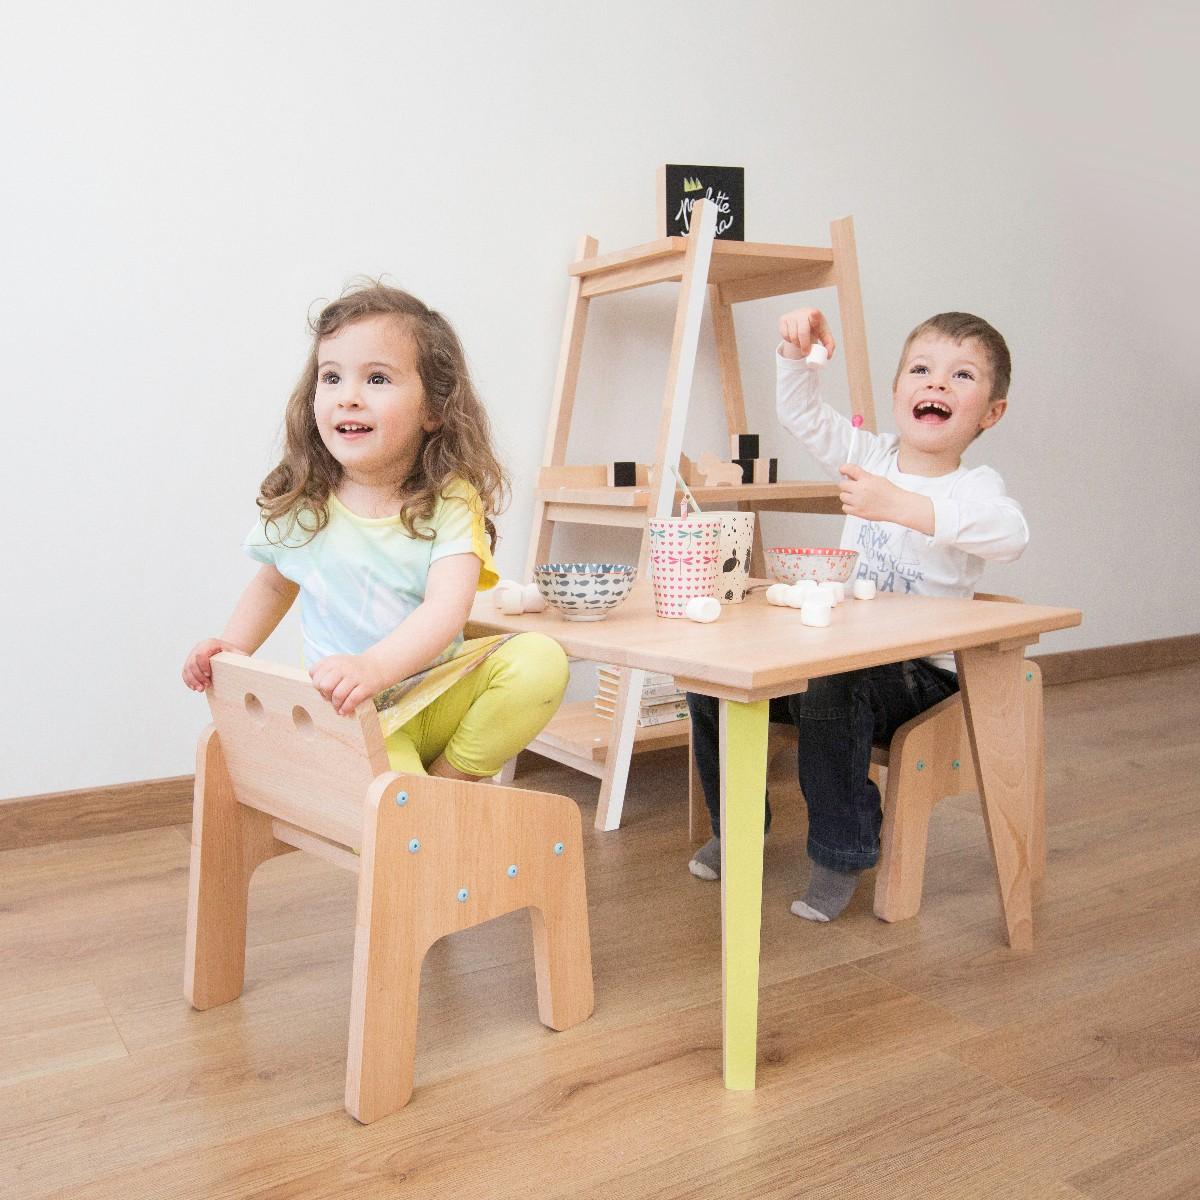 Mobilier en bois pour chambre d'enfants